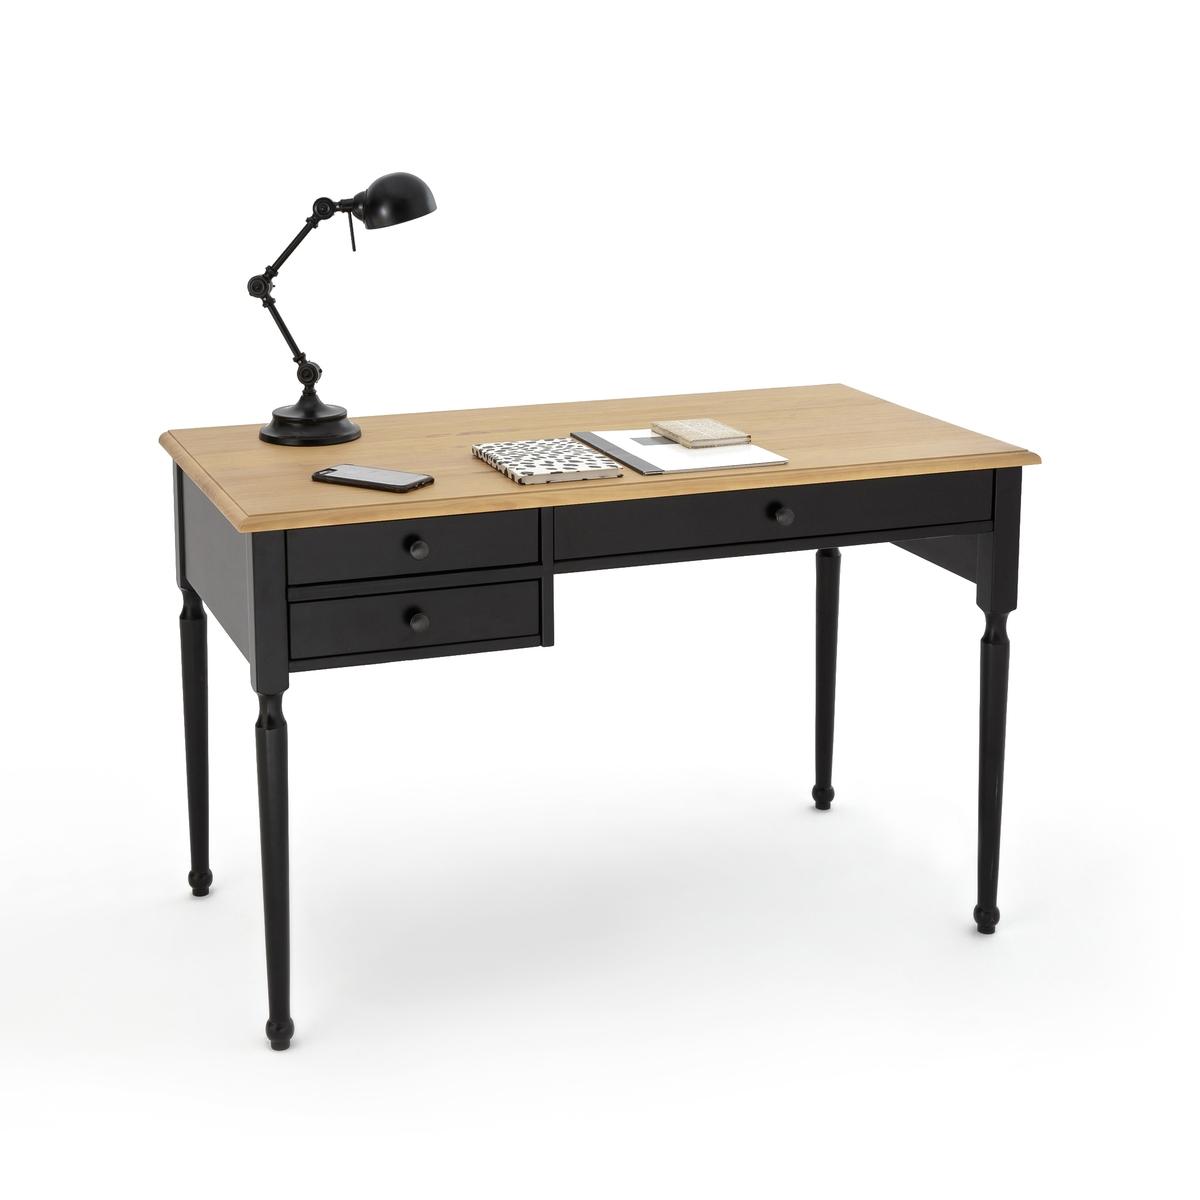 Стол La Redoute Письменный из массива сосны AUTHENTIC STYLE единый размер черный